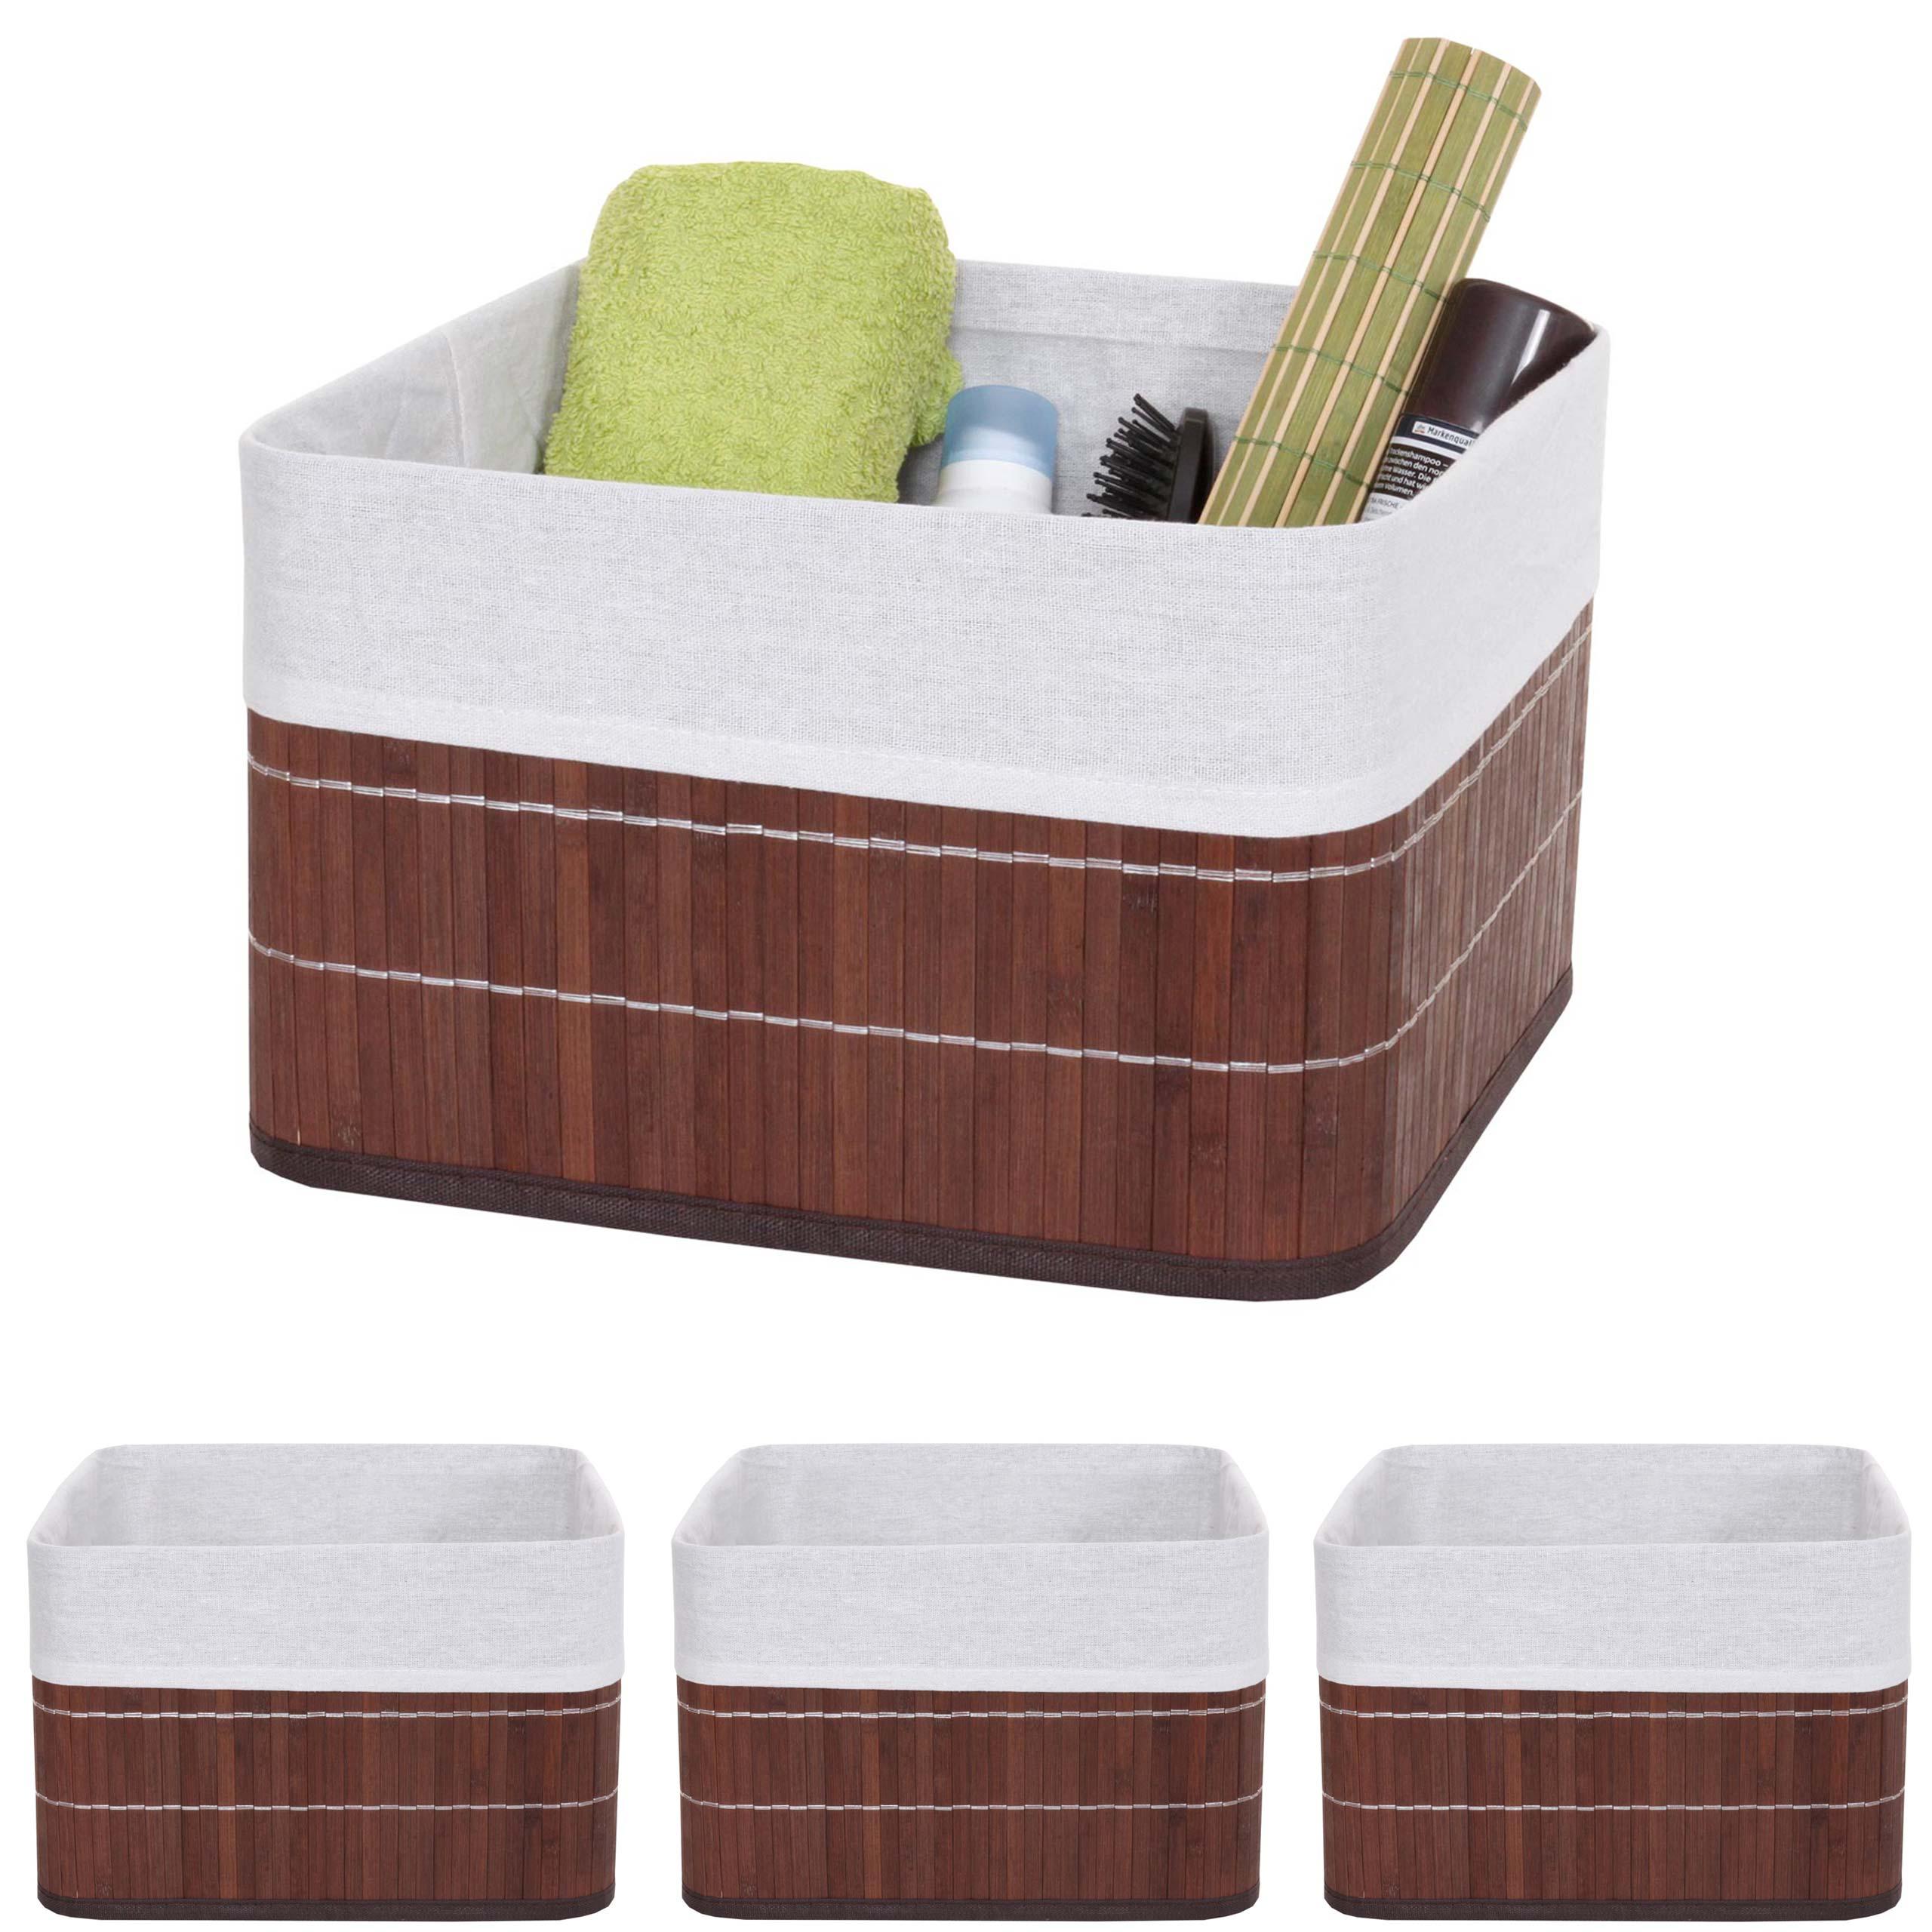 Mendler 4x Aufbewahrungskorb HWC-C21, Korb Aufbewahrungsbox Ordnungsbox Sortierbox Regalkorb, Bambus braun ~ 4x61223